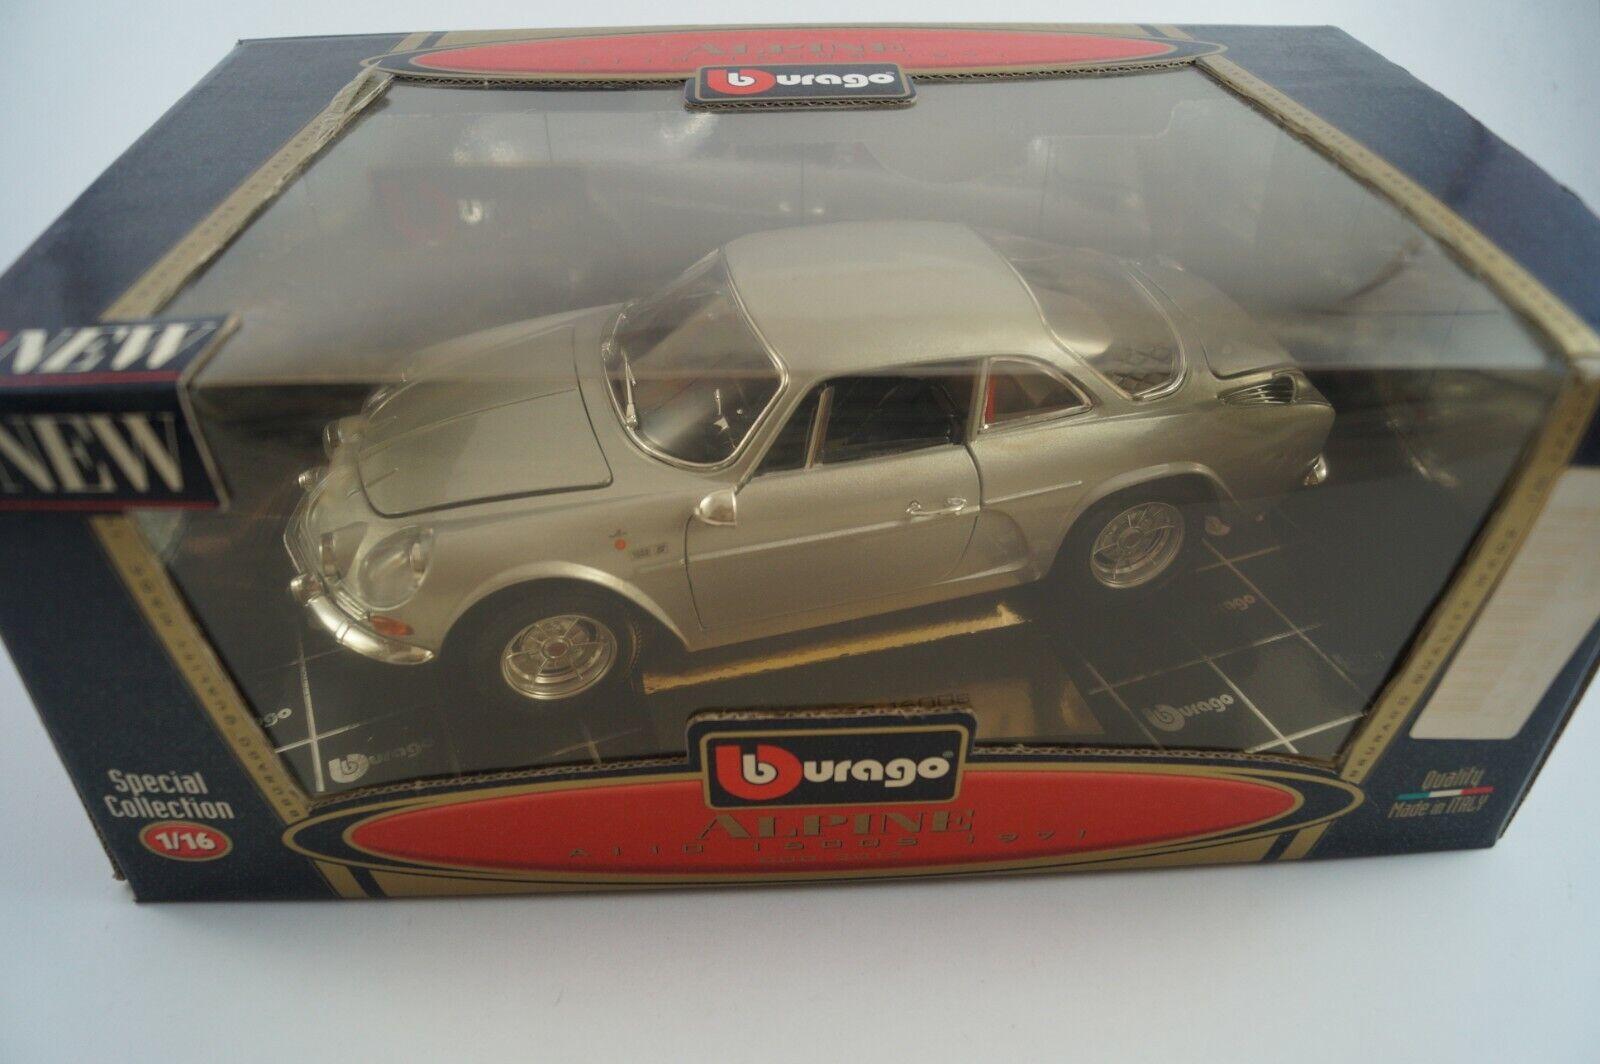 Bburago Burago Modellauto 1 18 Alpine A110 1600S 1971 Cod. 3012 in OVP